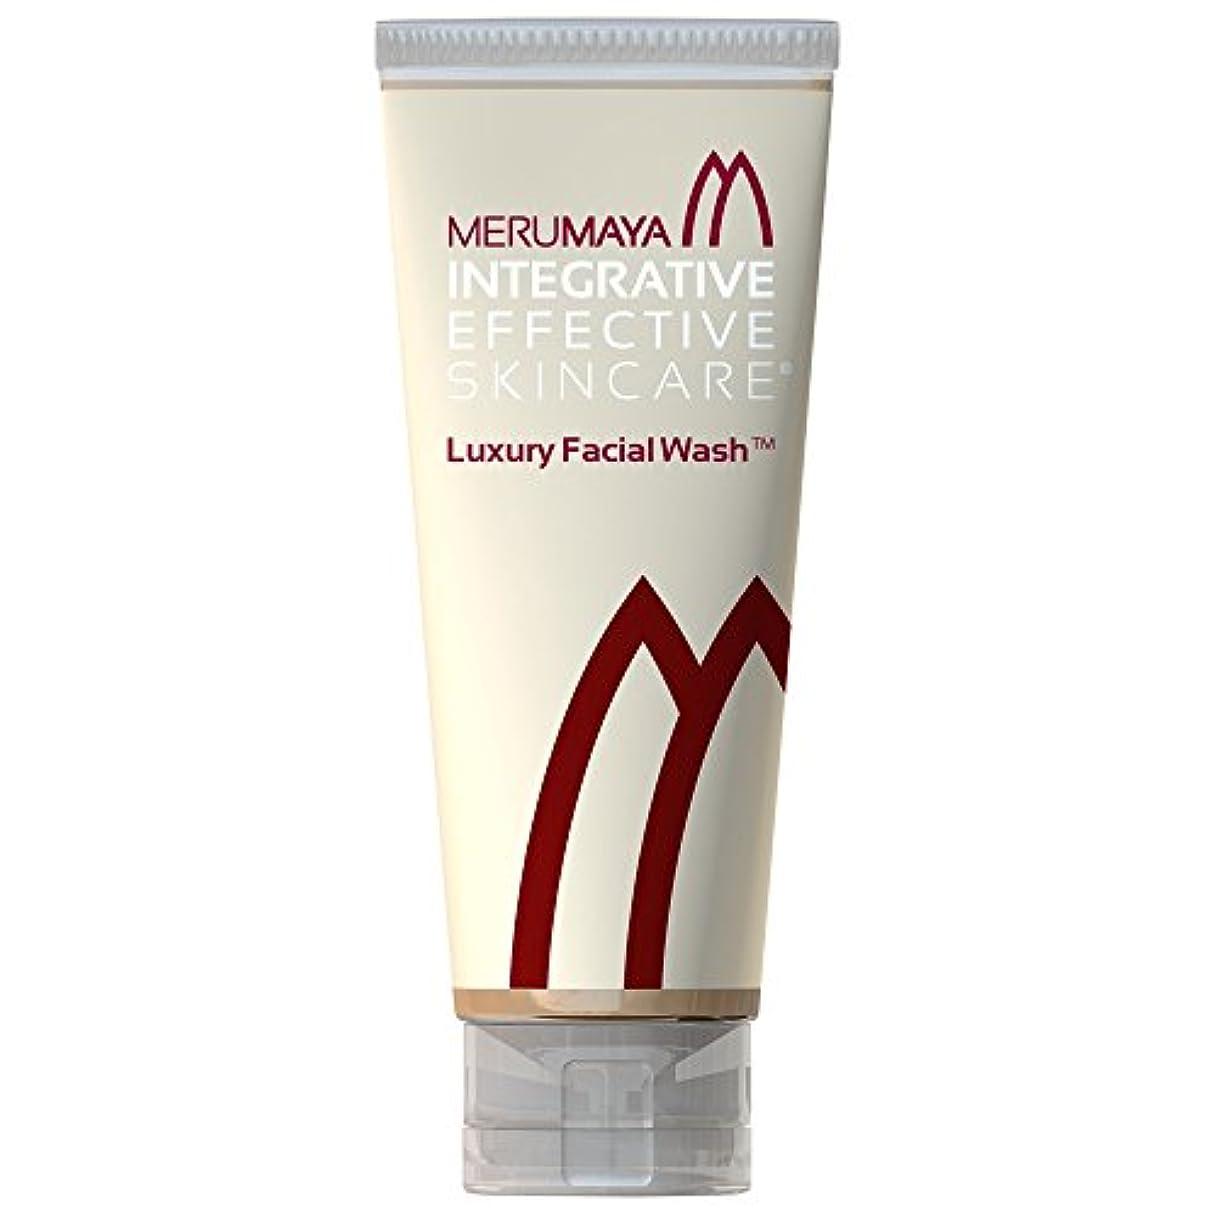 勤勉なぜなら対人Merumaya高級洗顔?、100ミリリットル (Merumaya) (x6) - MERUMAYA Luxury Facial Wash?, 100ml (Pack of 6) [並行輸入品]